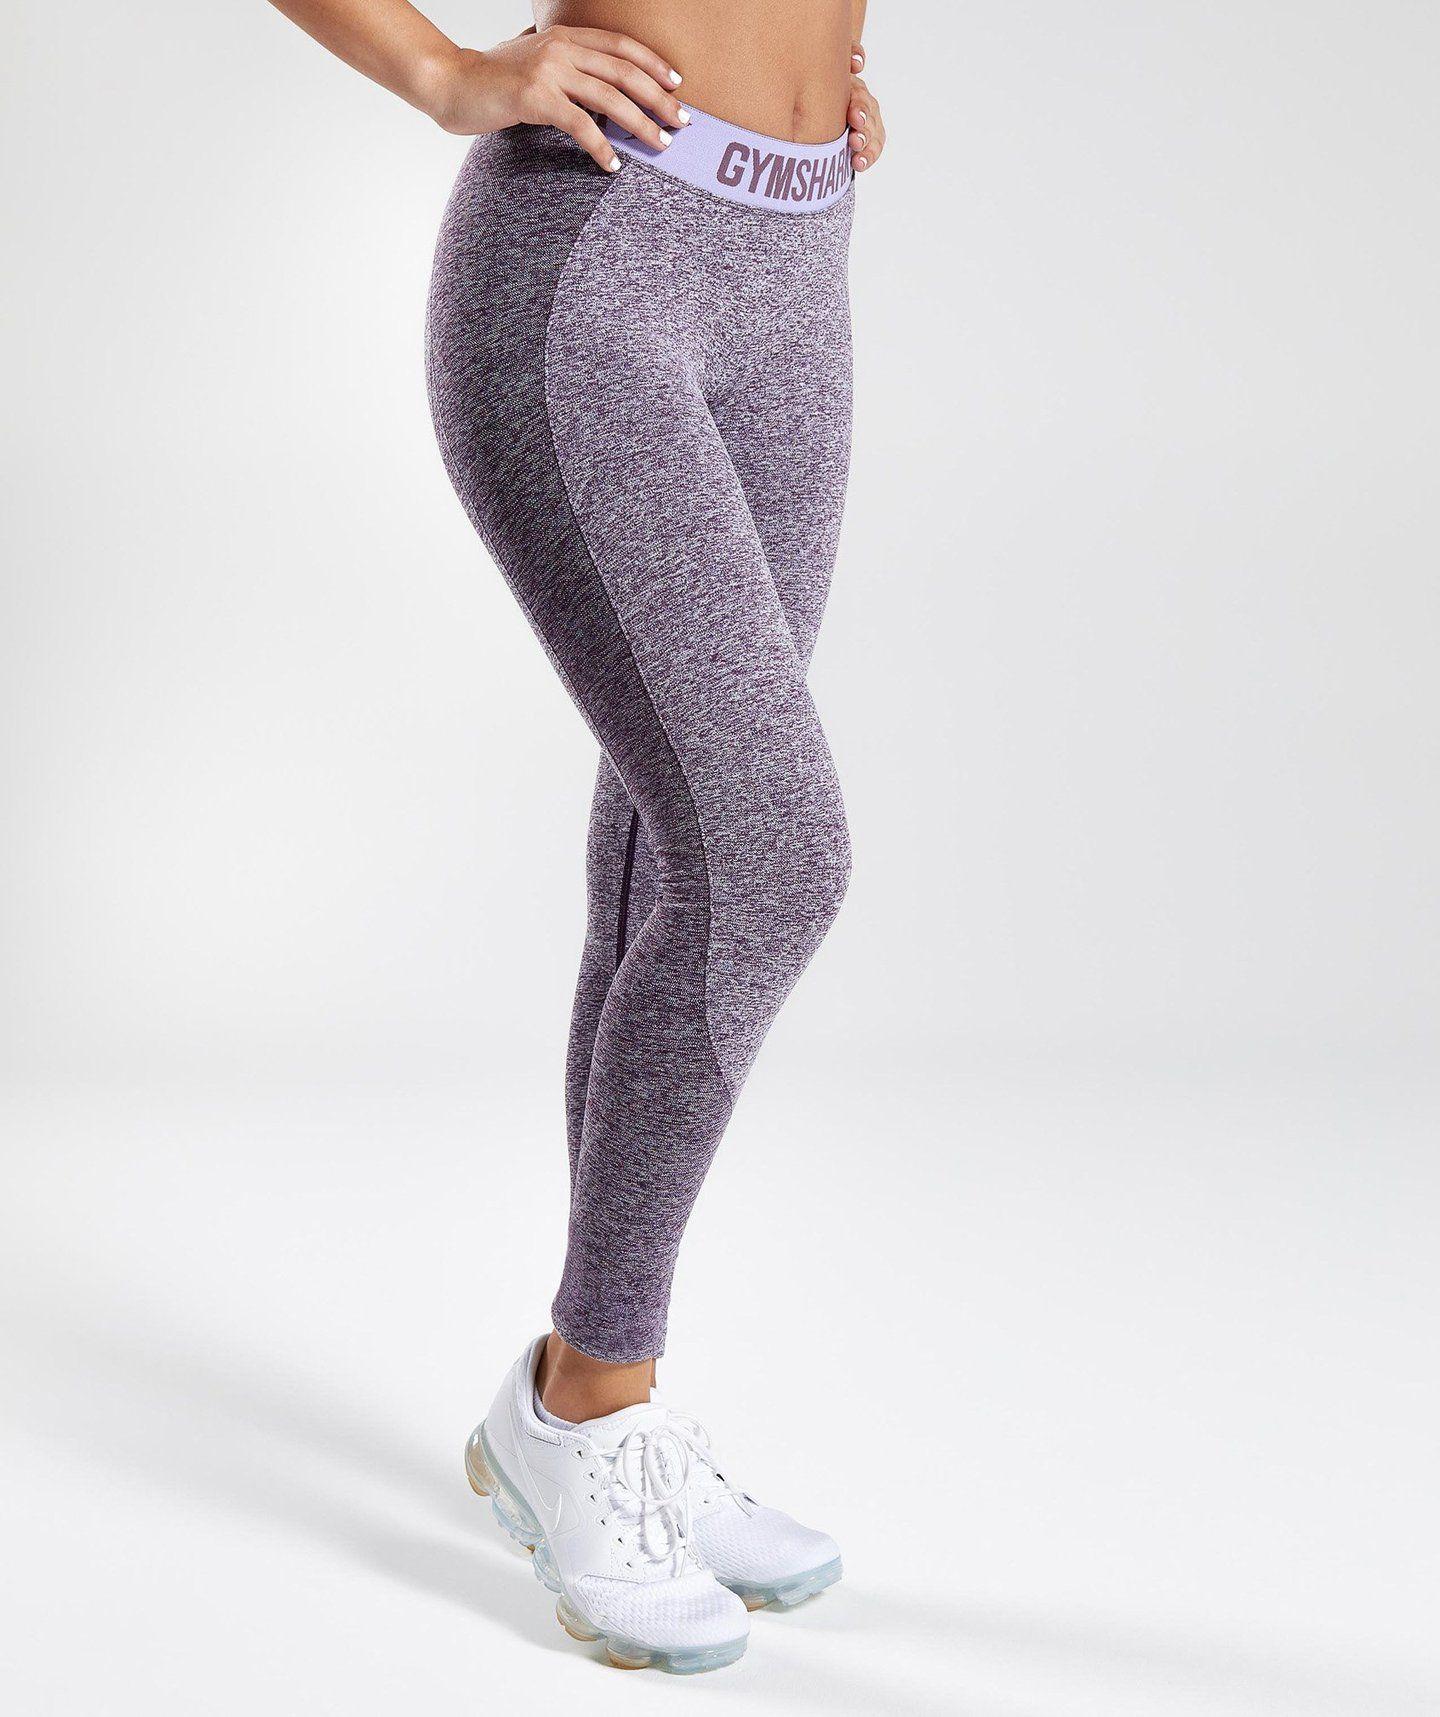 7b4743962a2dd Gymshark Flex Leggings - Rich Purple Marl/Pastel Lilac 2 | Fitness ...